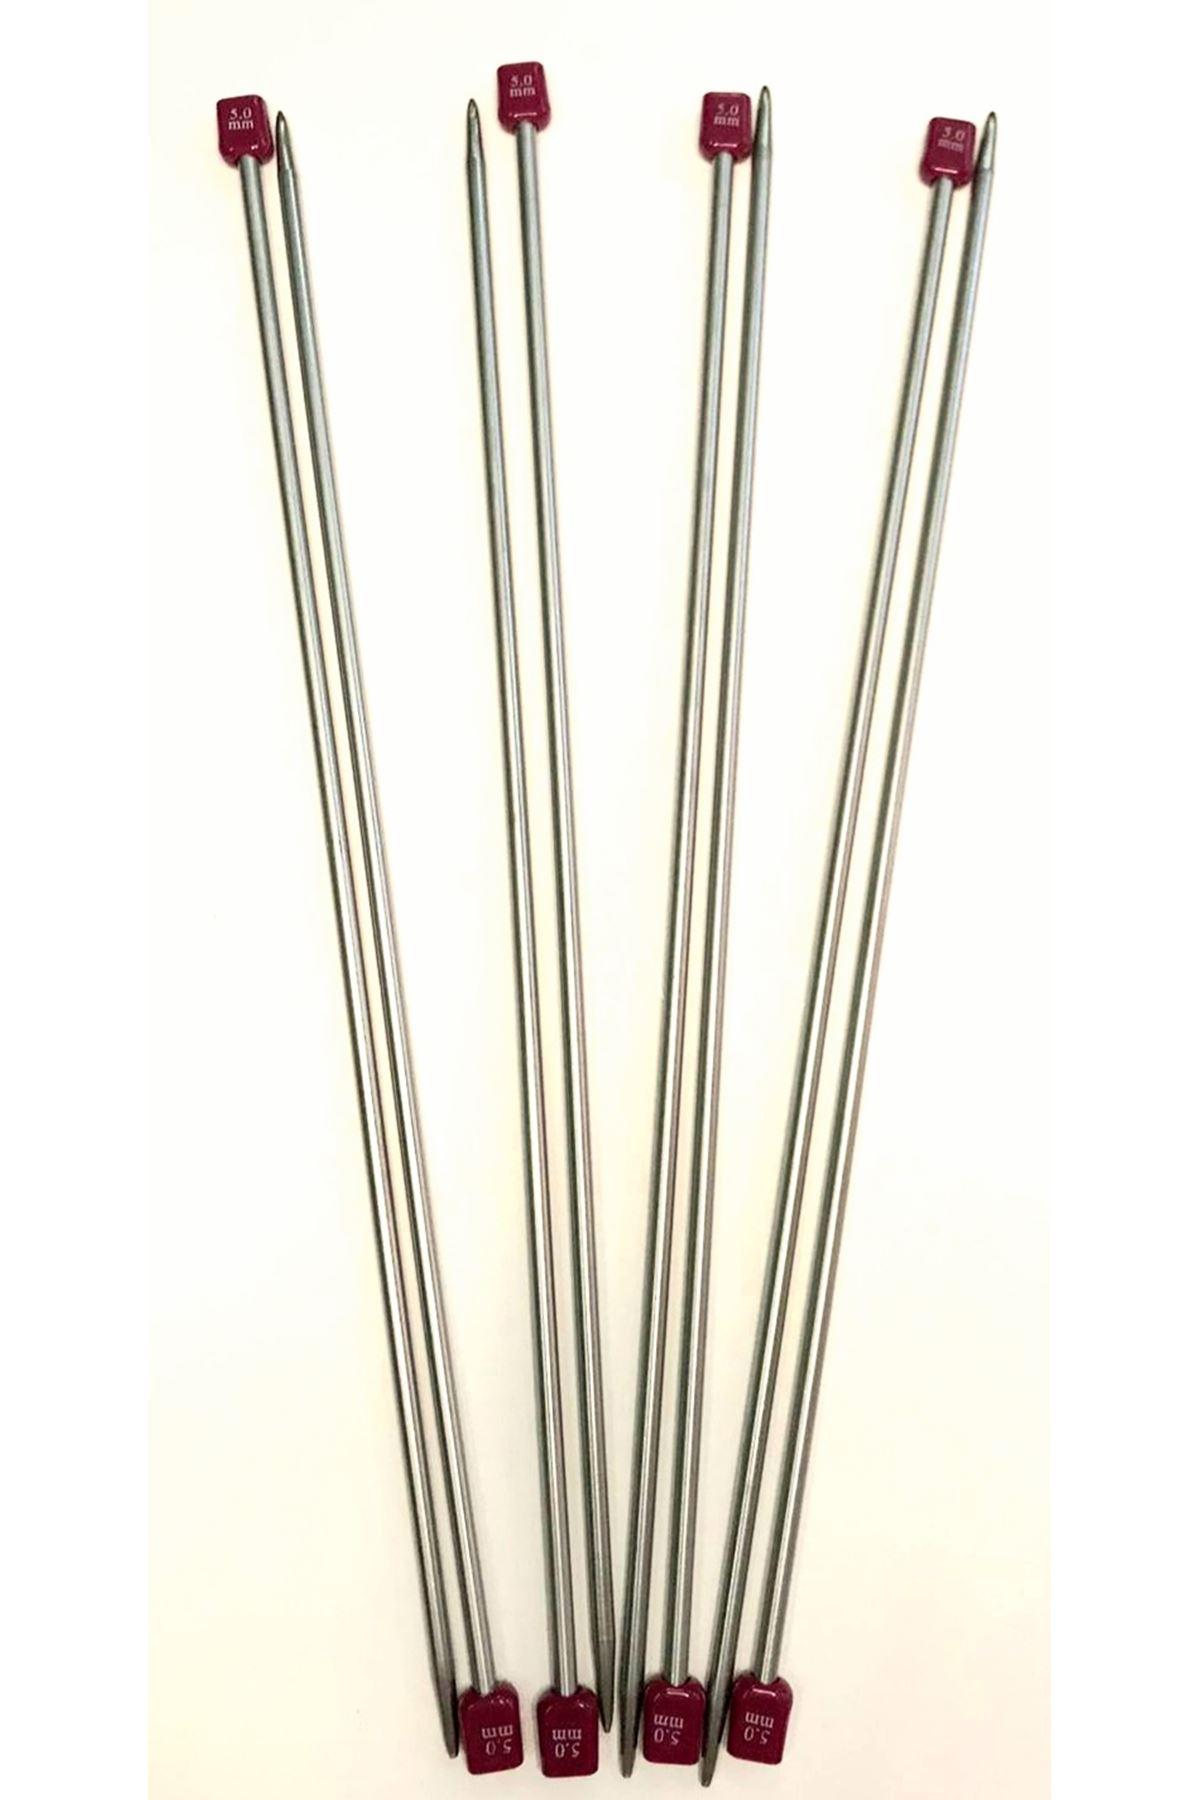 Titanyum/Çelik Şiş 2,0 mm